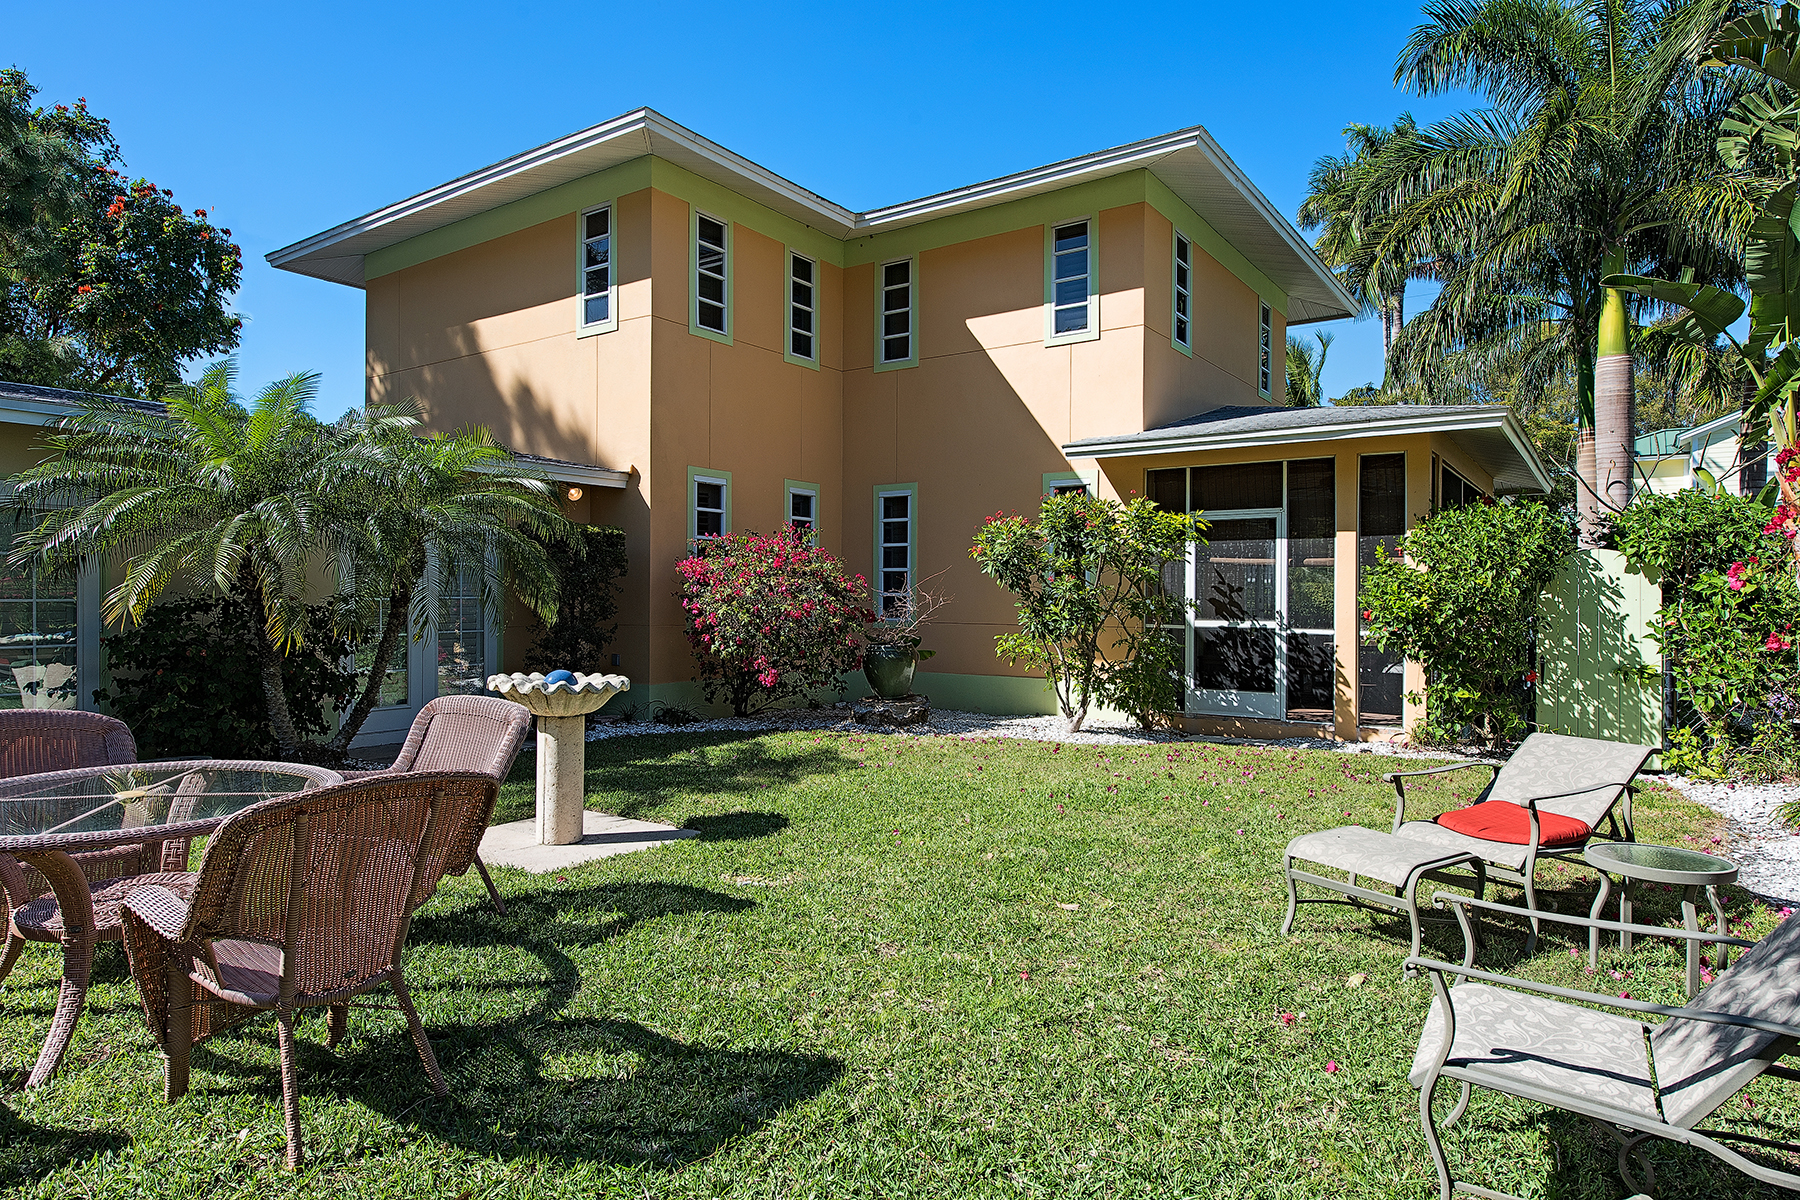 Casa Unifamiliar por un Venta en OLDE NAPLES 345 1st Ave N Naples, Florida, 34102 Estados Unidos